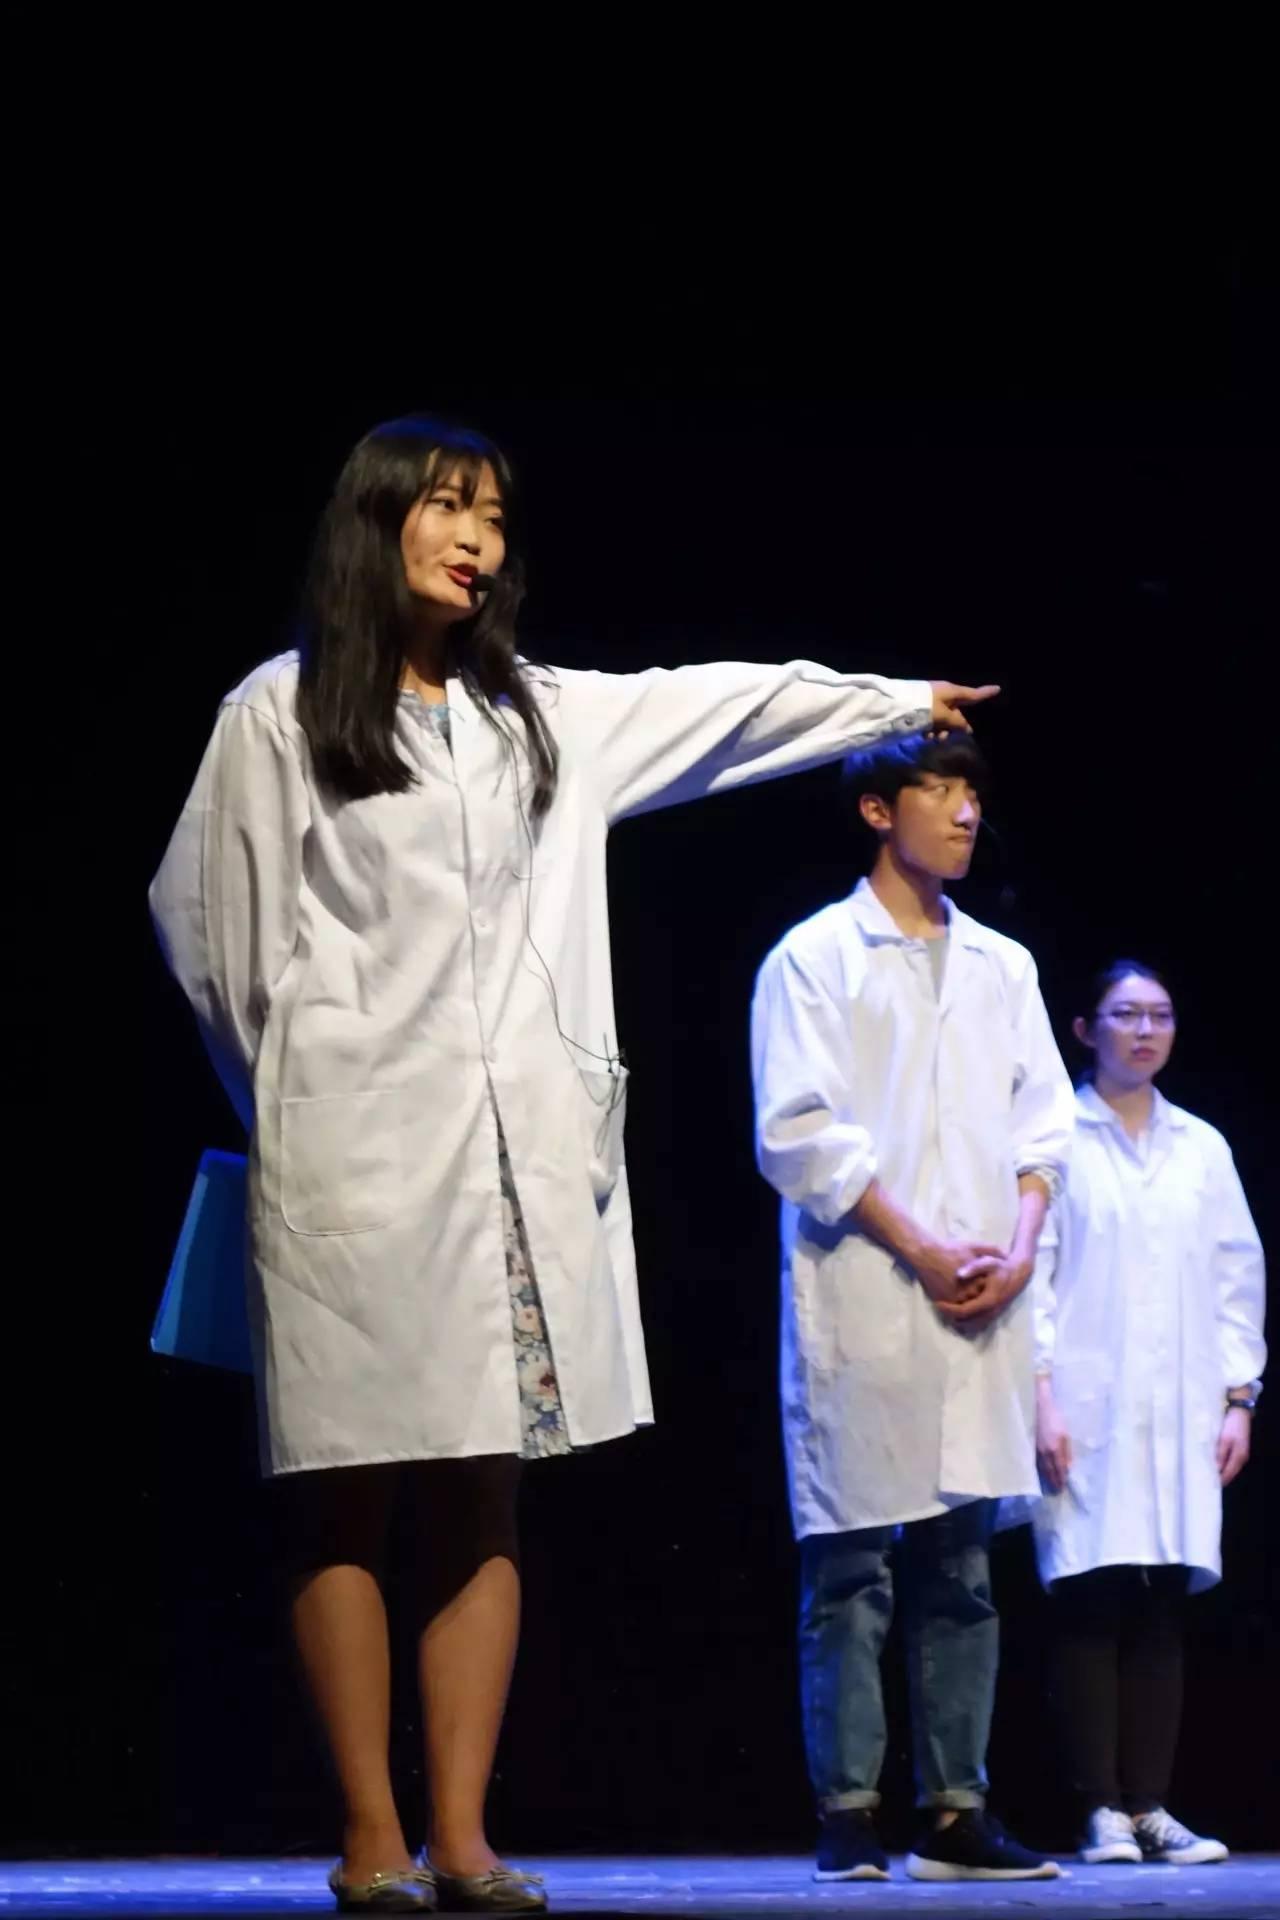 毕业季 东林话剧社 关于爱情归宿的最新观念 圆满谢幕